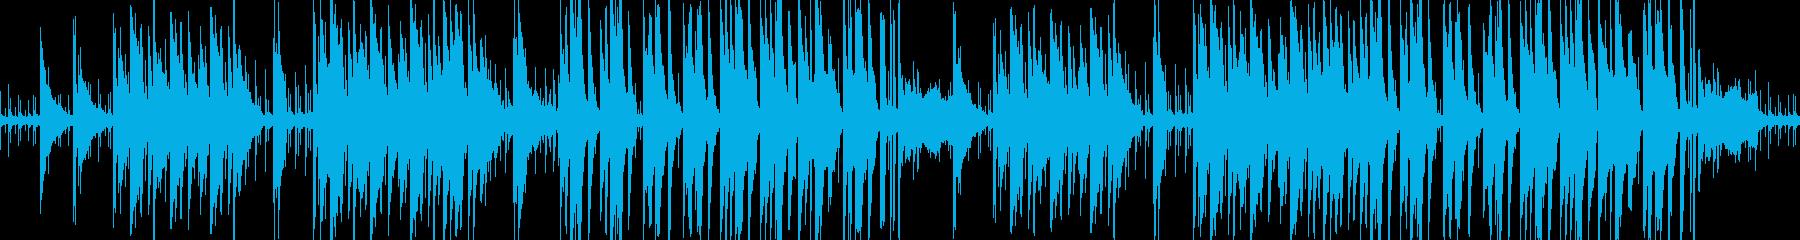 奇妙なビッグバンド風ジャズの再生済みの波形